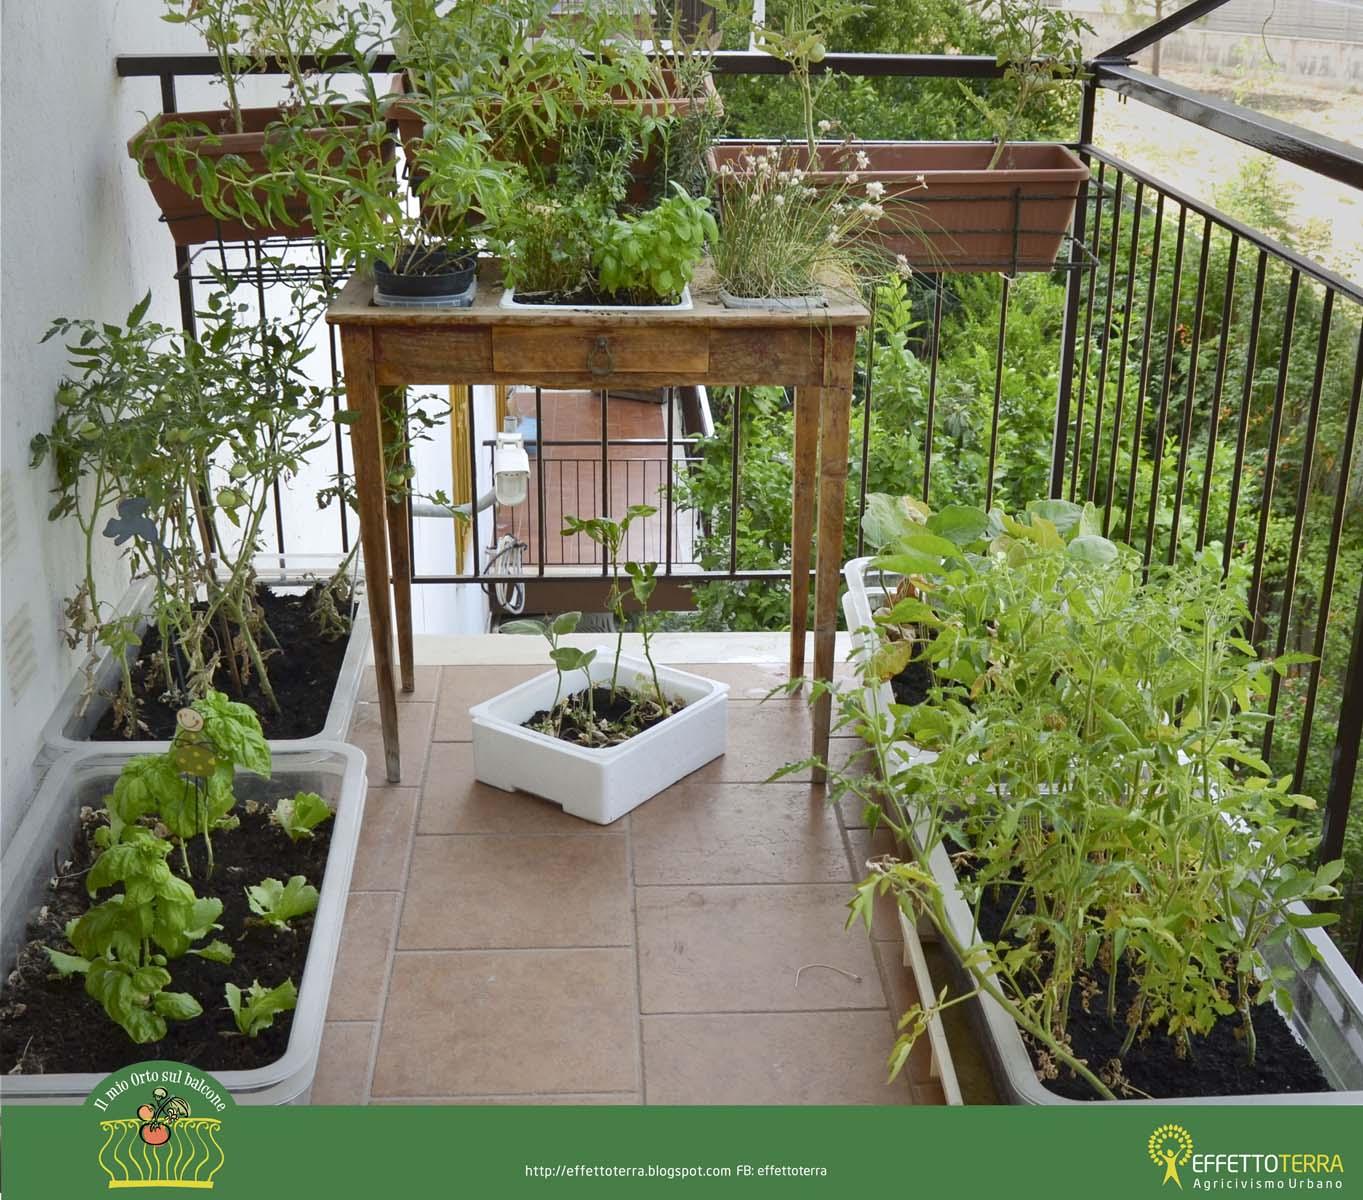 Estremamente Effetto Terra: Il mio orto sul balcone BJ39